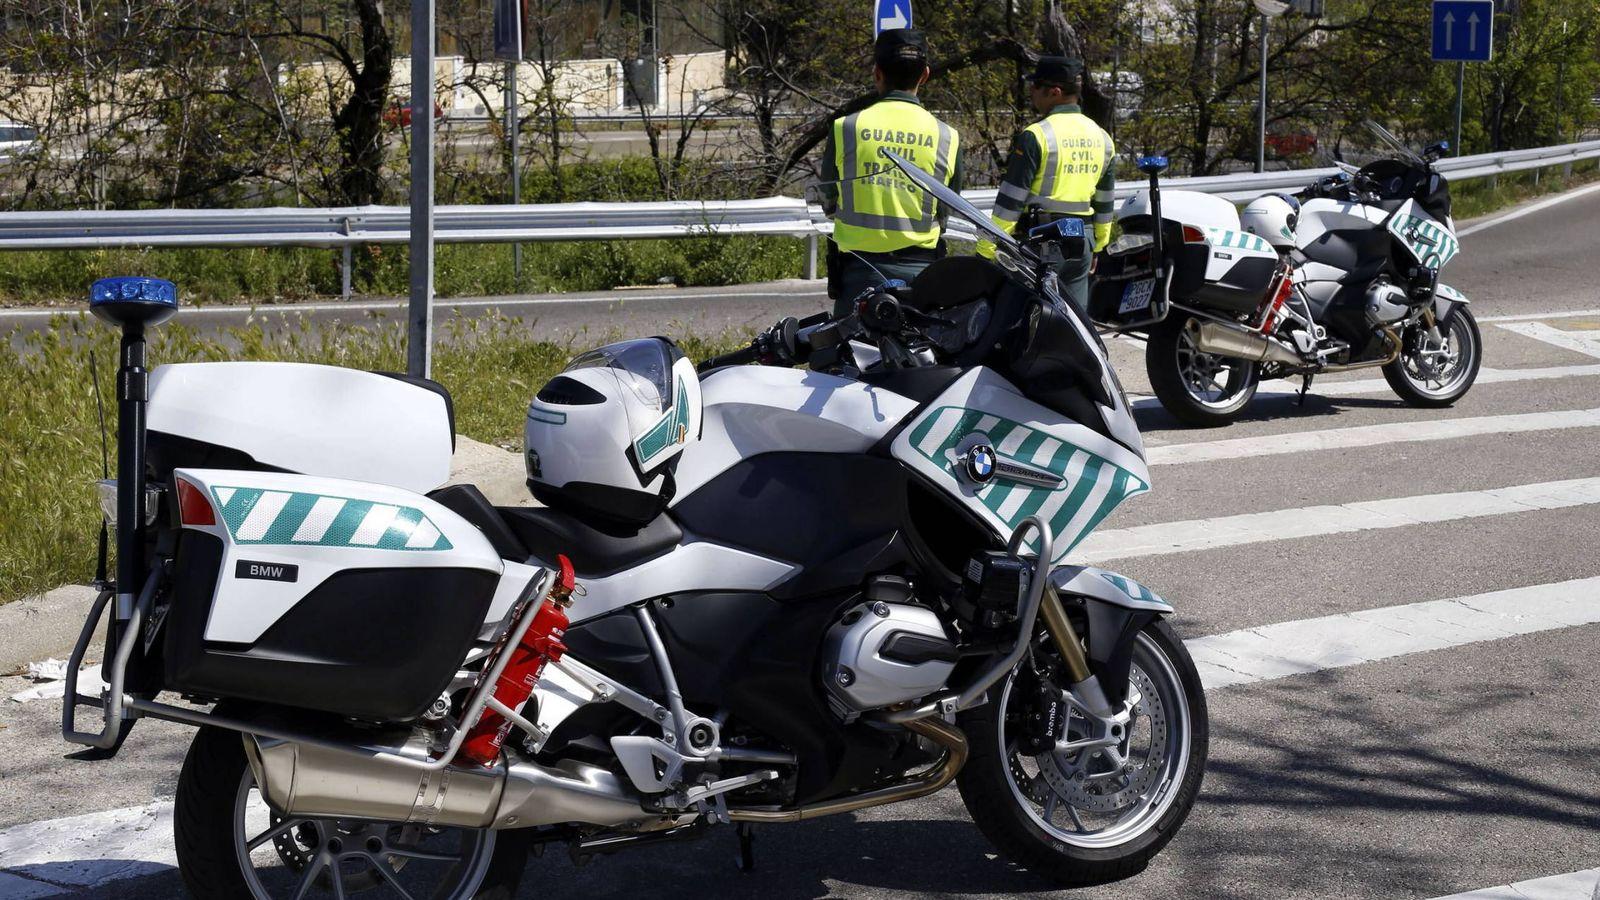 Foto: Los agentes de la Guardia Civil detuvieron a la mujer por simulación de delito (EFE/Paco Campos)